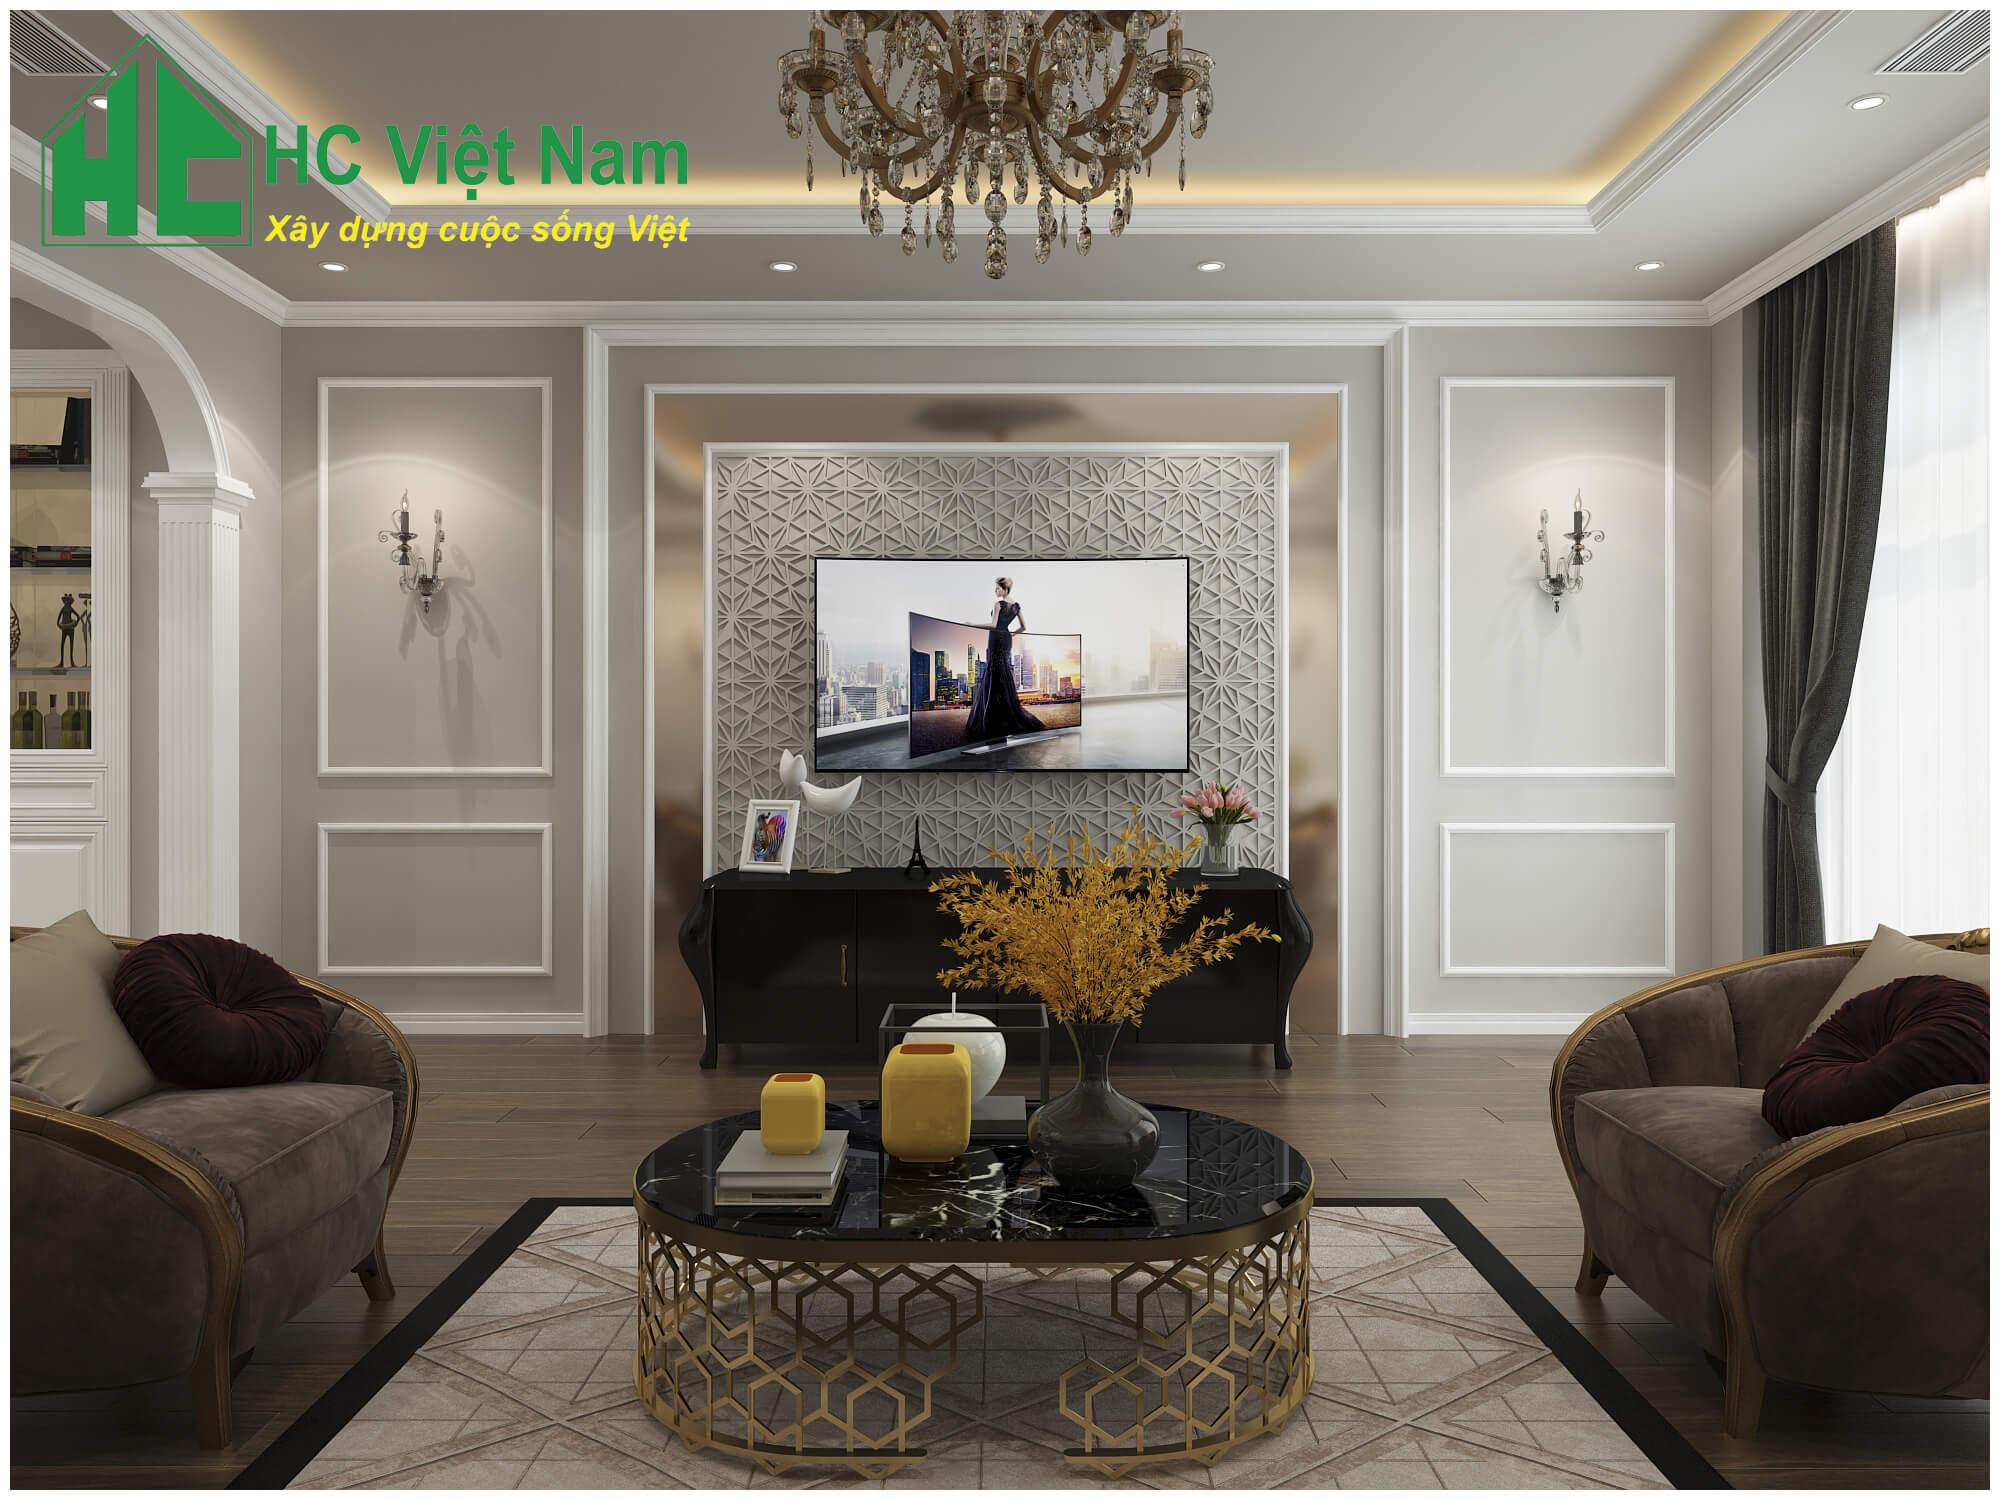 Phong cách thiết kế nội thất tân cổ điển 6